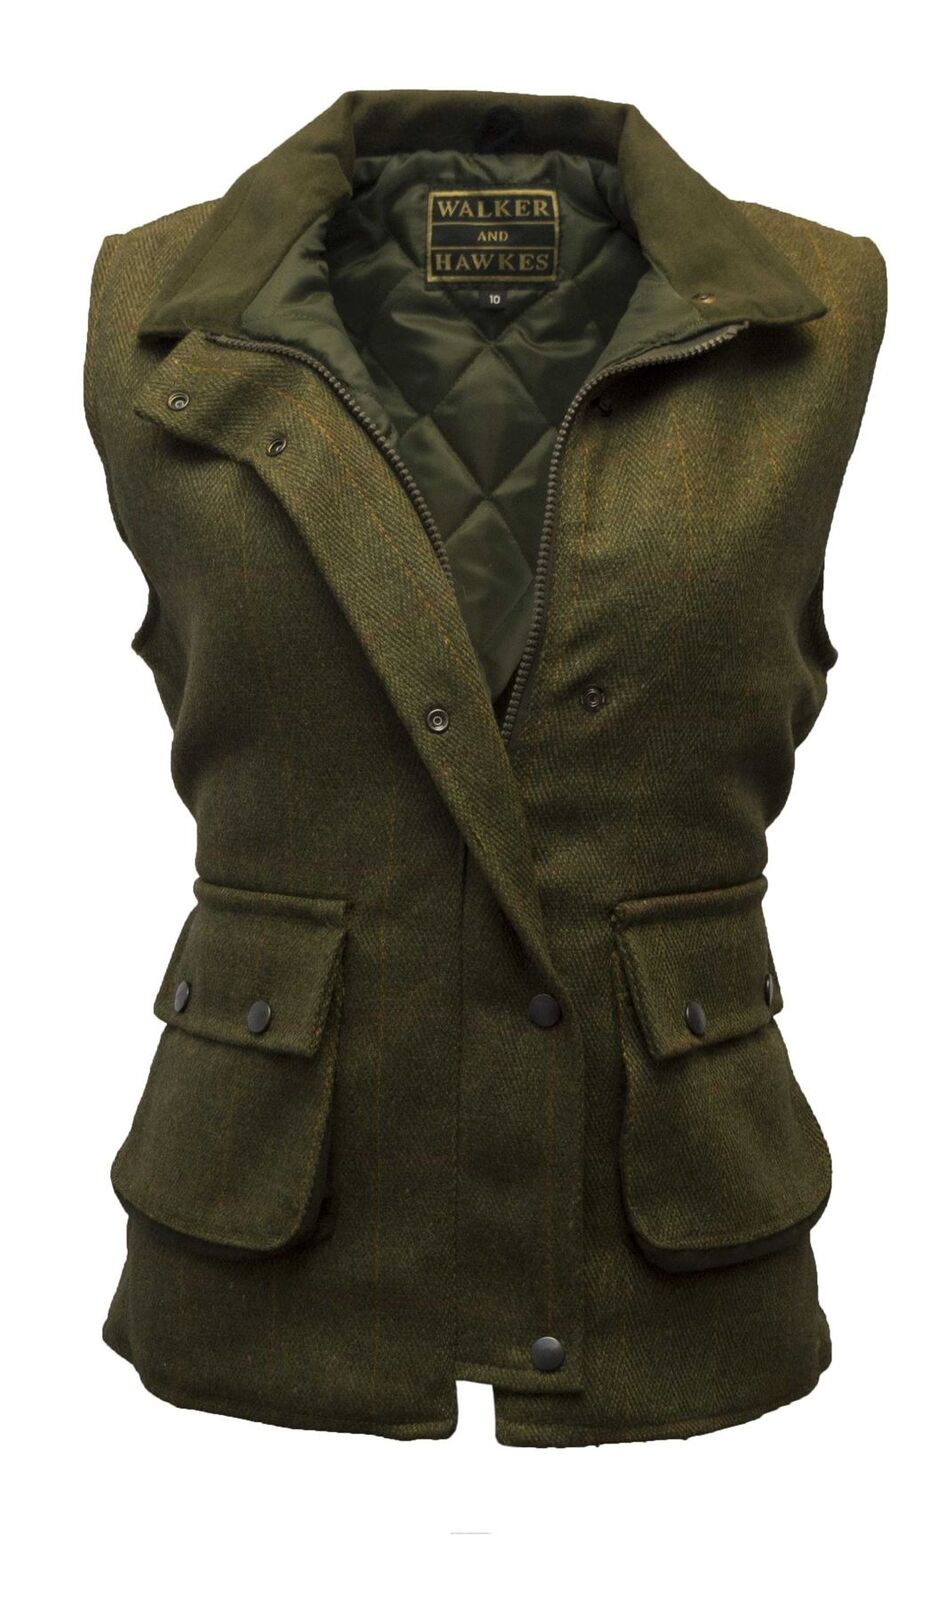 Waistcoat for Ladies Tweed Shooting Country Gilet by by by Walker & Hawkes - Dark Sage b74828